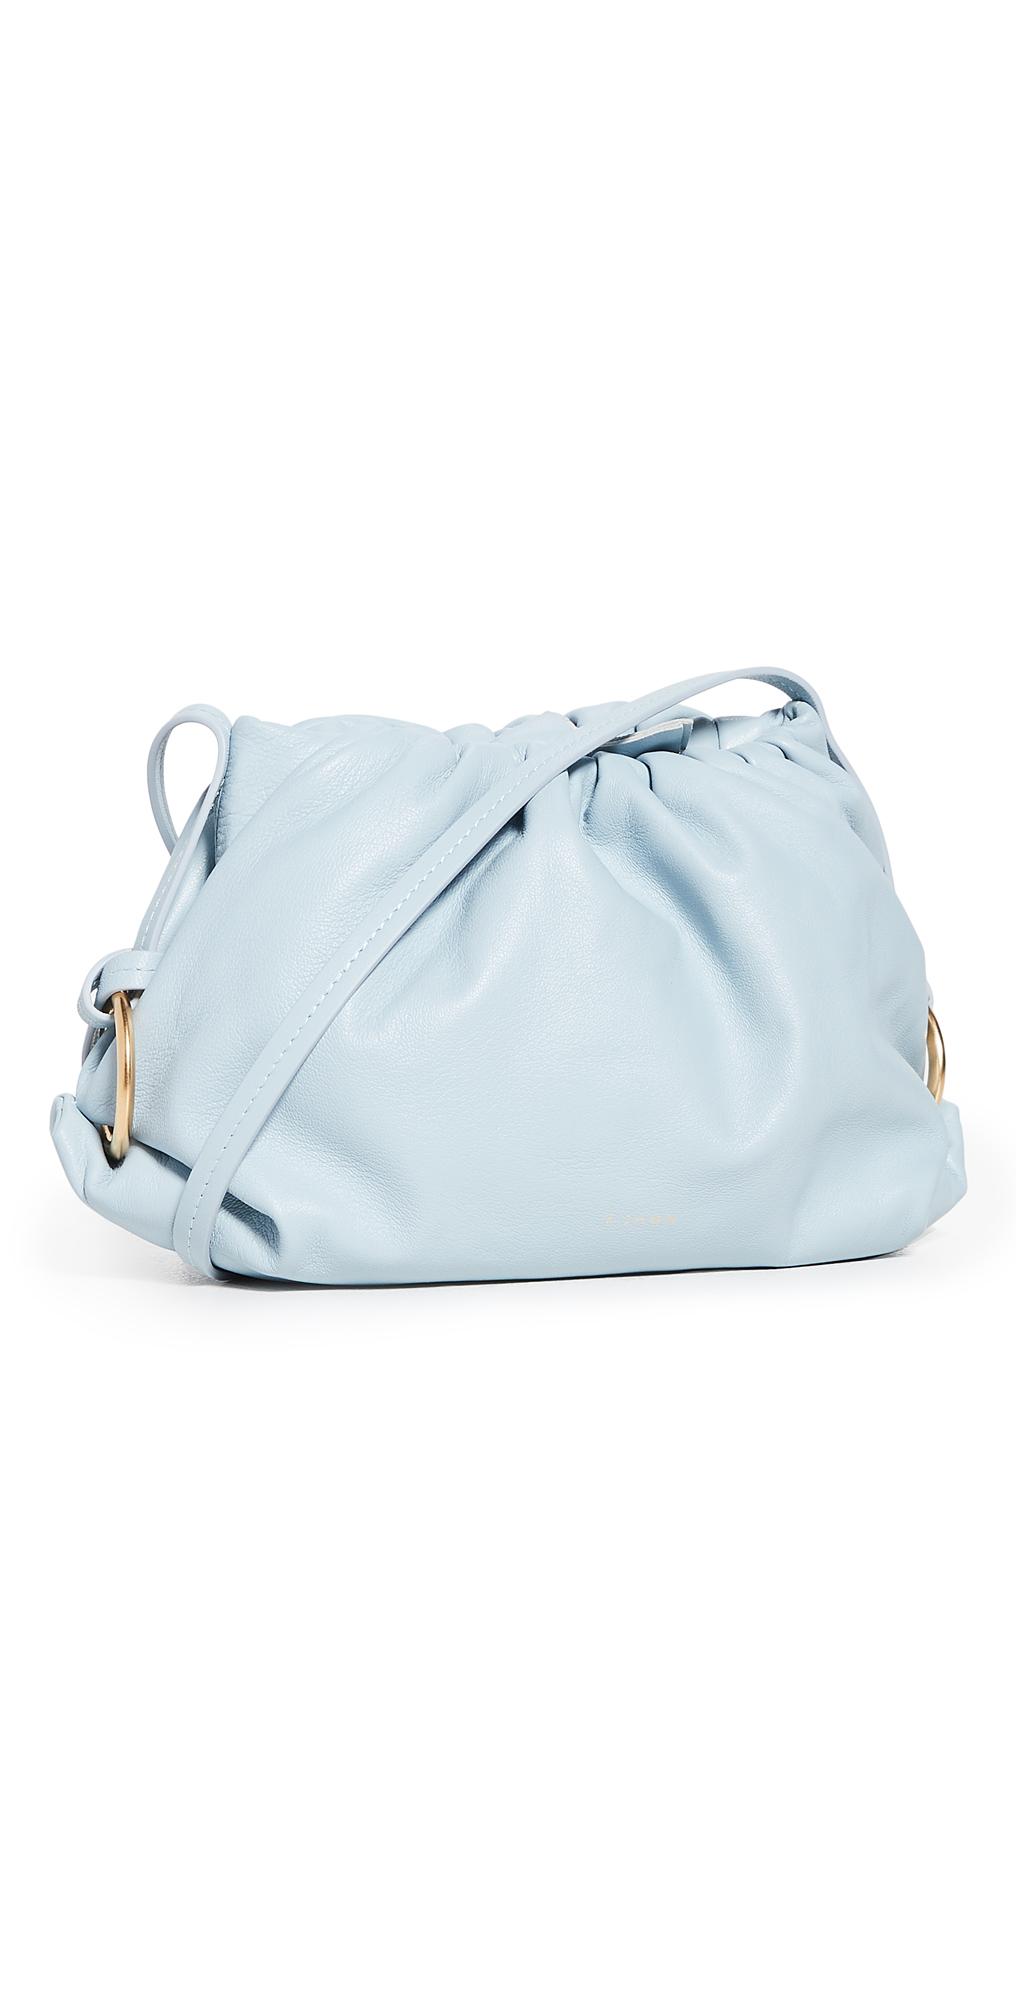 S.Joon Baby Bao Bag